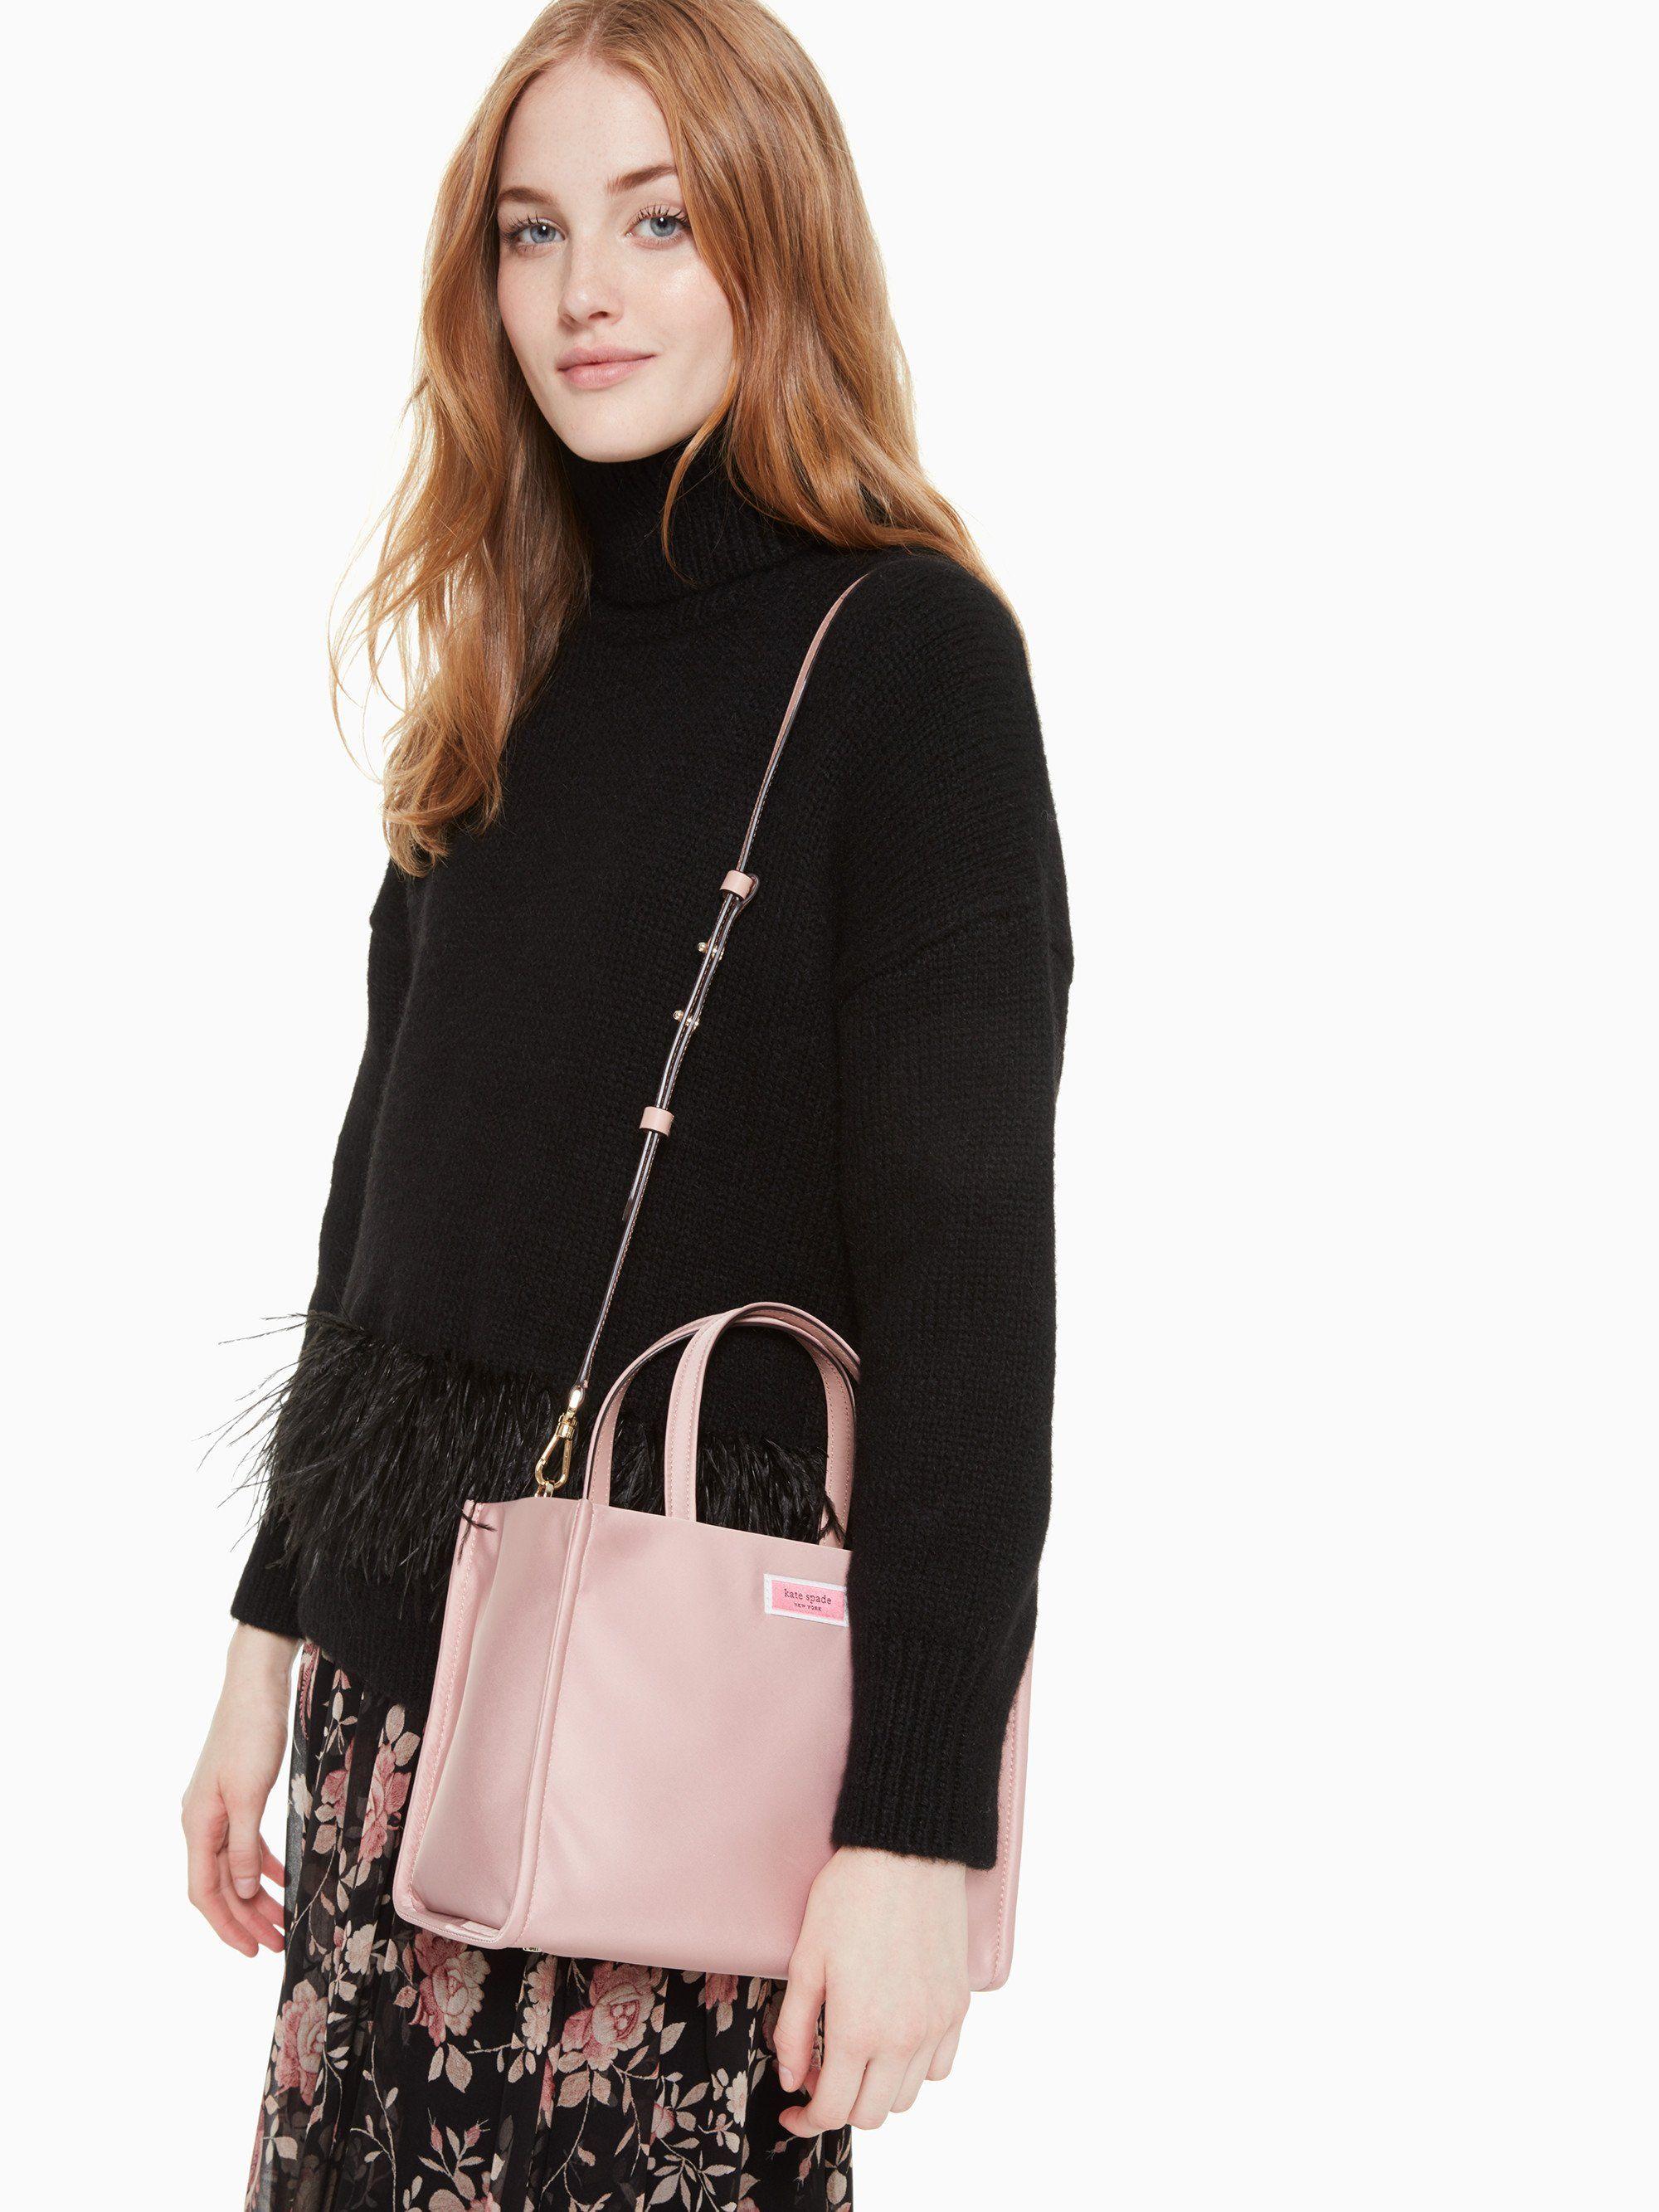 e8e6dfe150 Sam nylon medium satchel